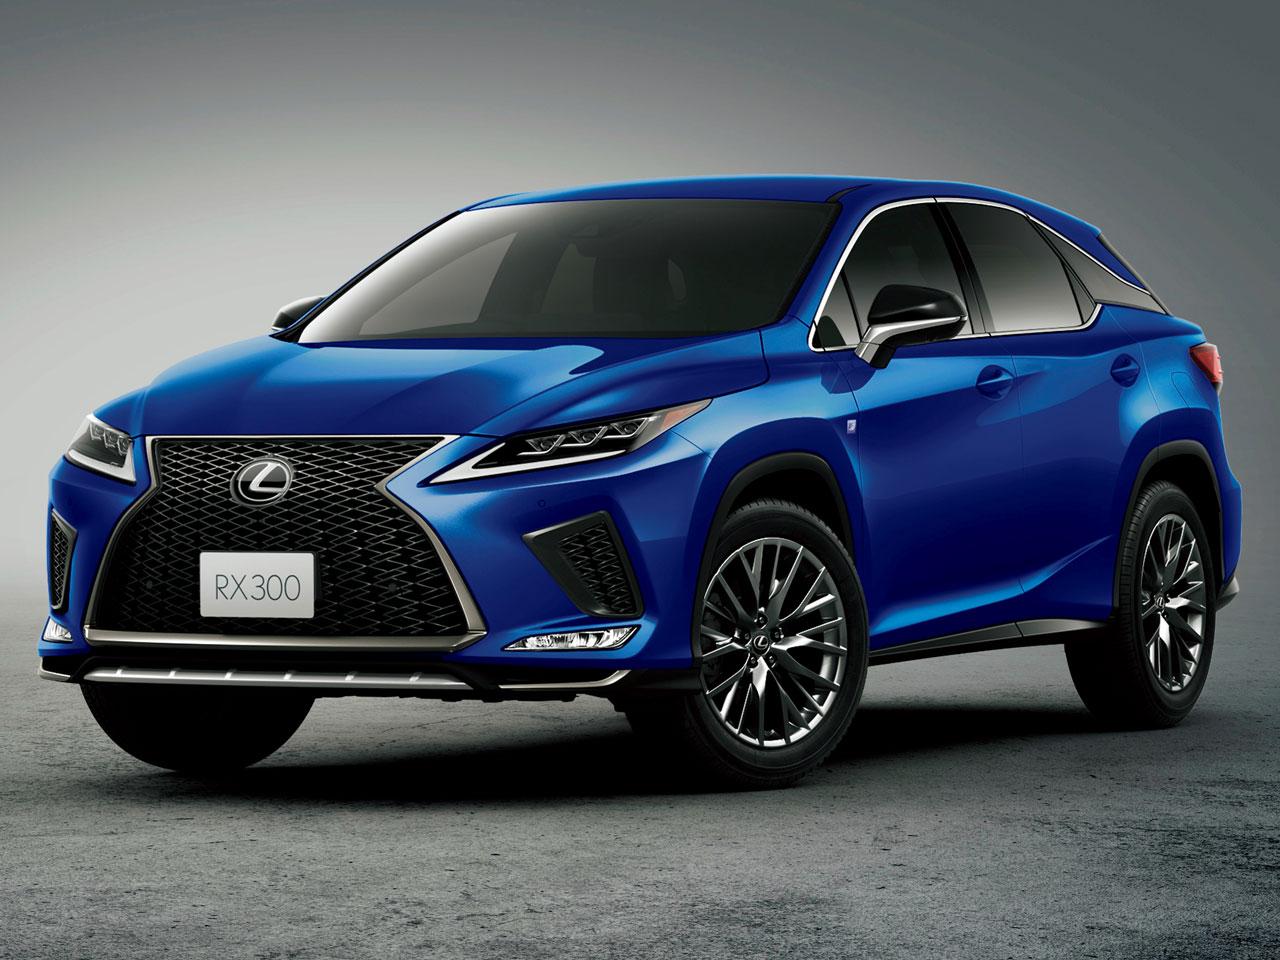 レクサス RX 2015年モデル 新車画像